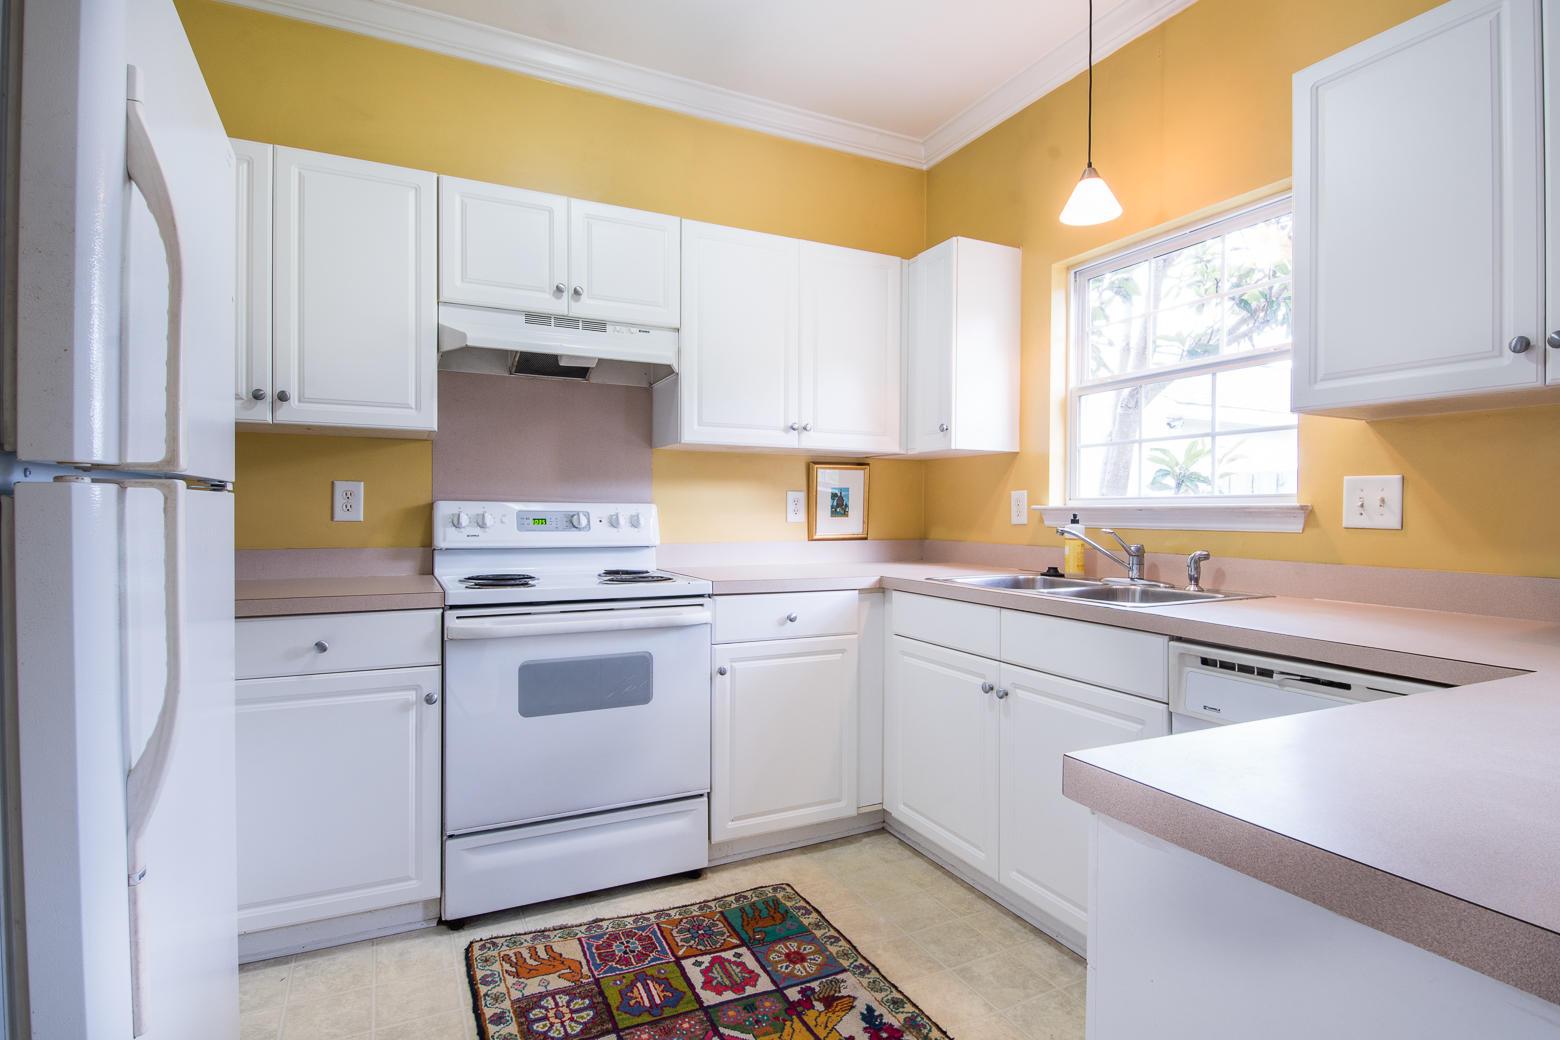 Jamestowne Village Homes For Sale - 1445 Swamp Fox, Charleston, SC - 14